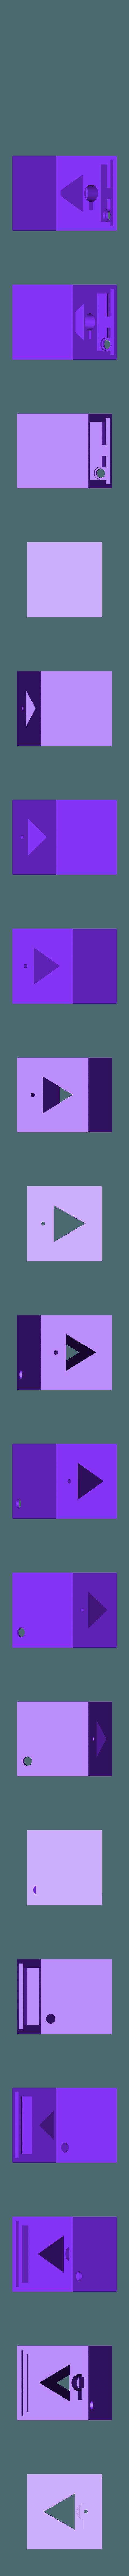 Base.stl Télécharger fichier STL gratuit Grand cube à engrenages, édition motorisée • Plan imprimable en 3D, gzumwalt